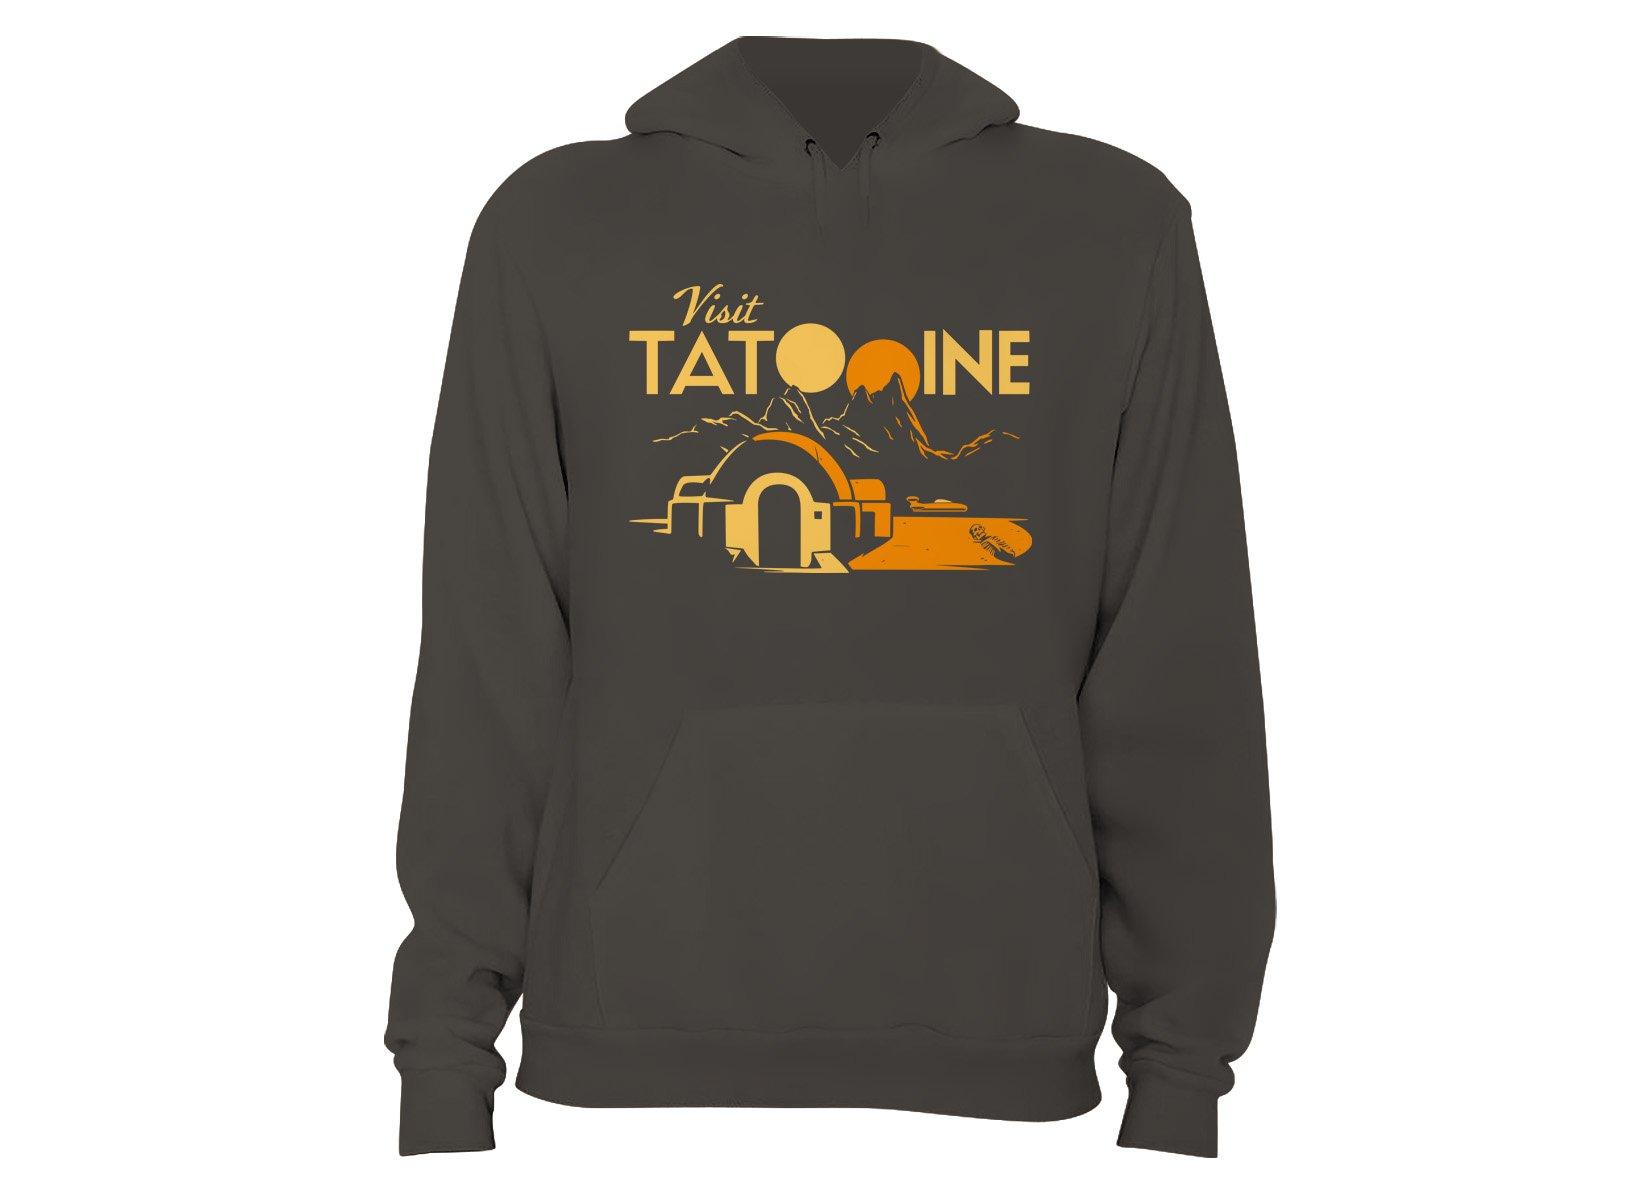 Visit Tatooine on Hoodie